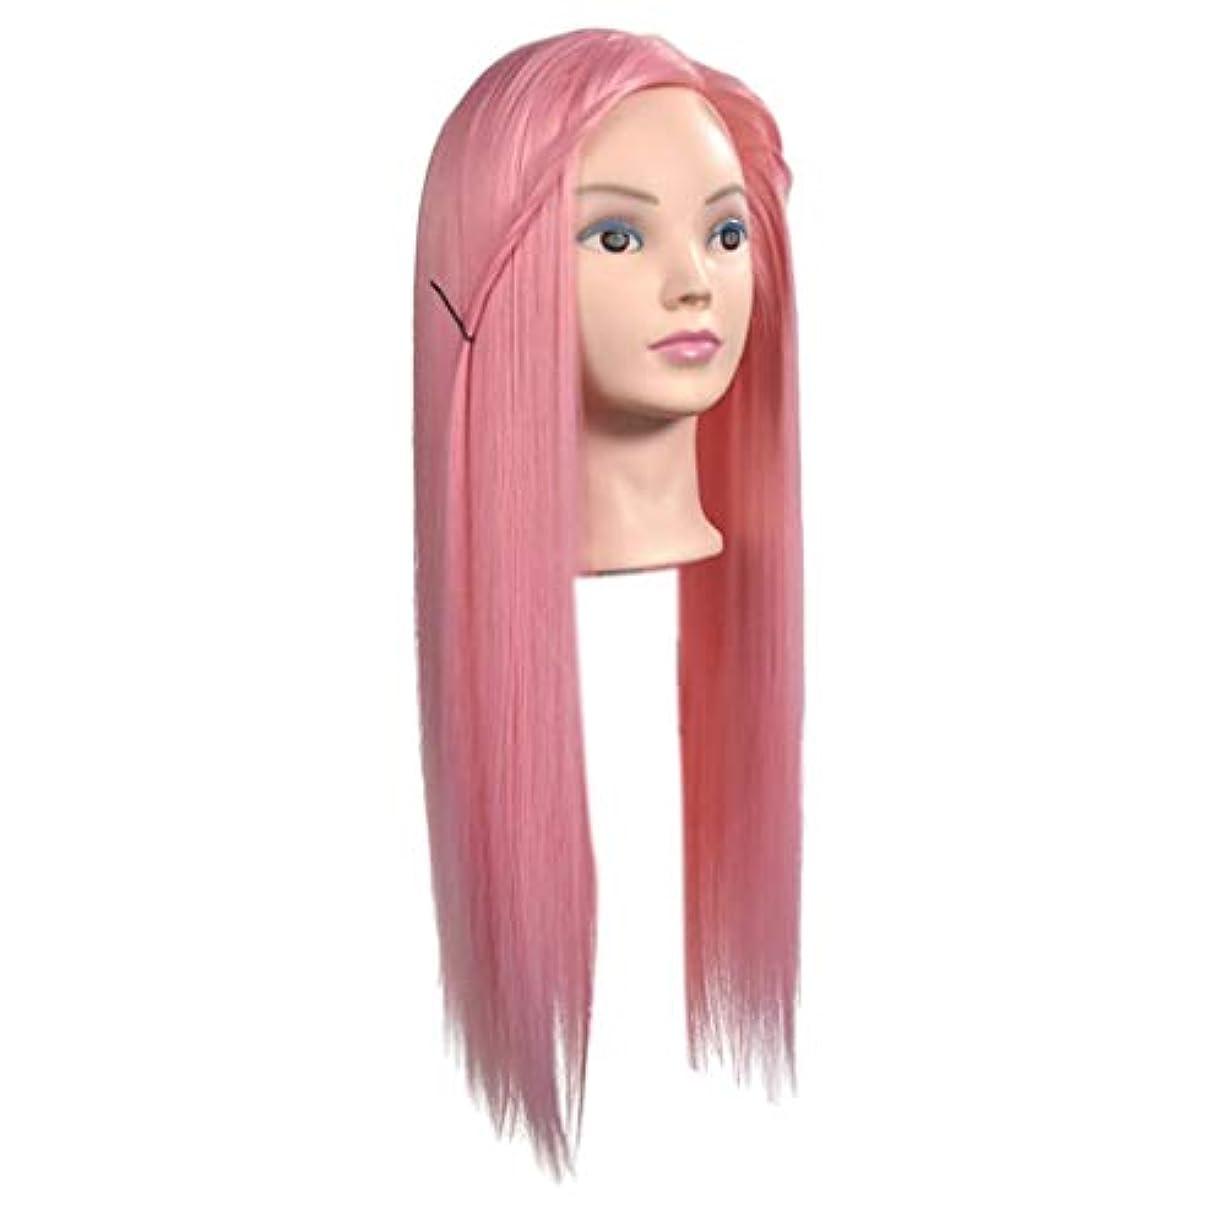 の頭の上ポット女王マネキンヘッド ディスプレイ かつらマネキンヘッド スタイリスト 編み込み練習用 理髪店 理髪師 理髪サロン